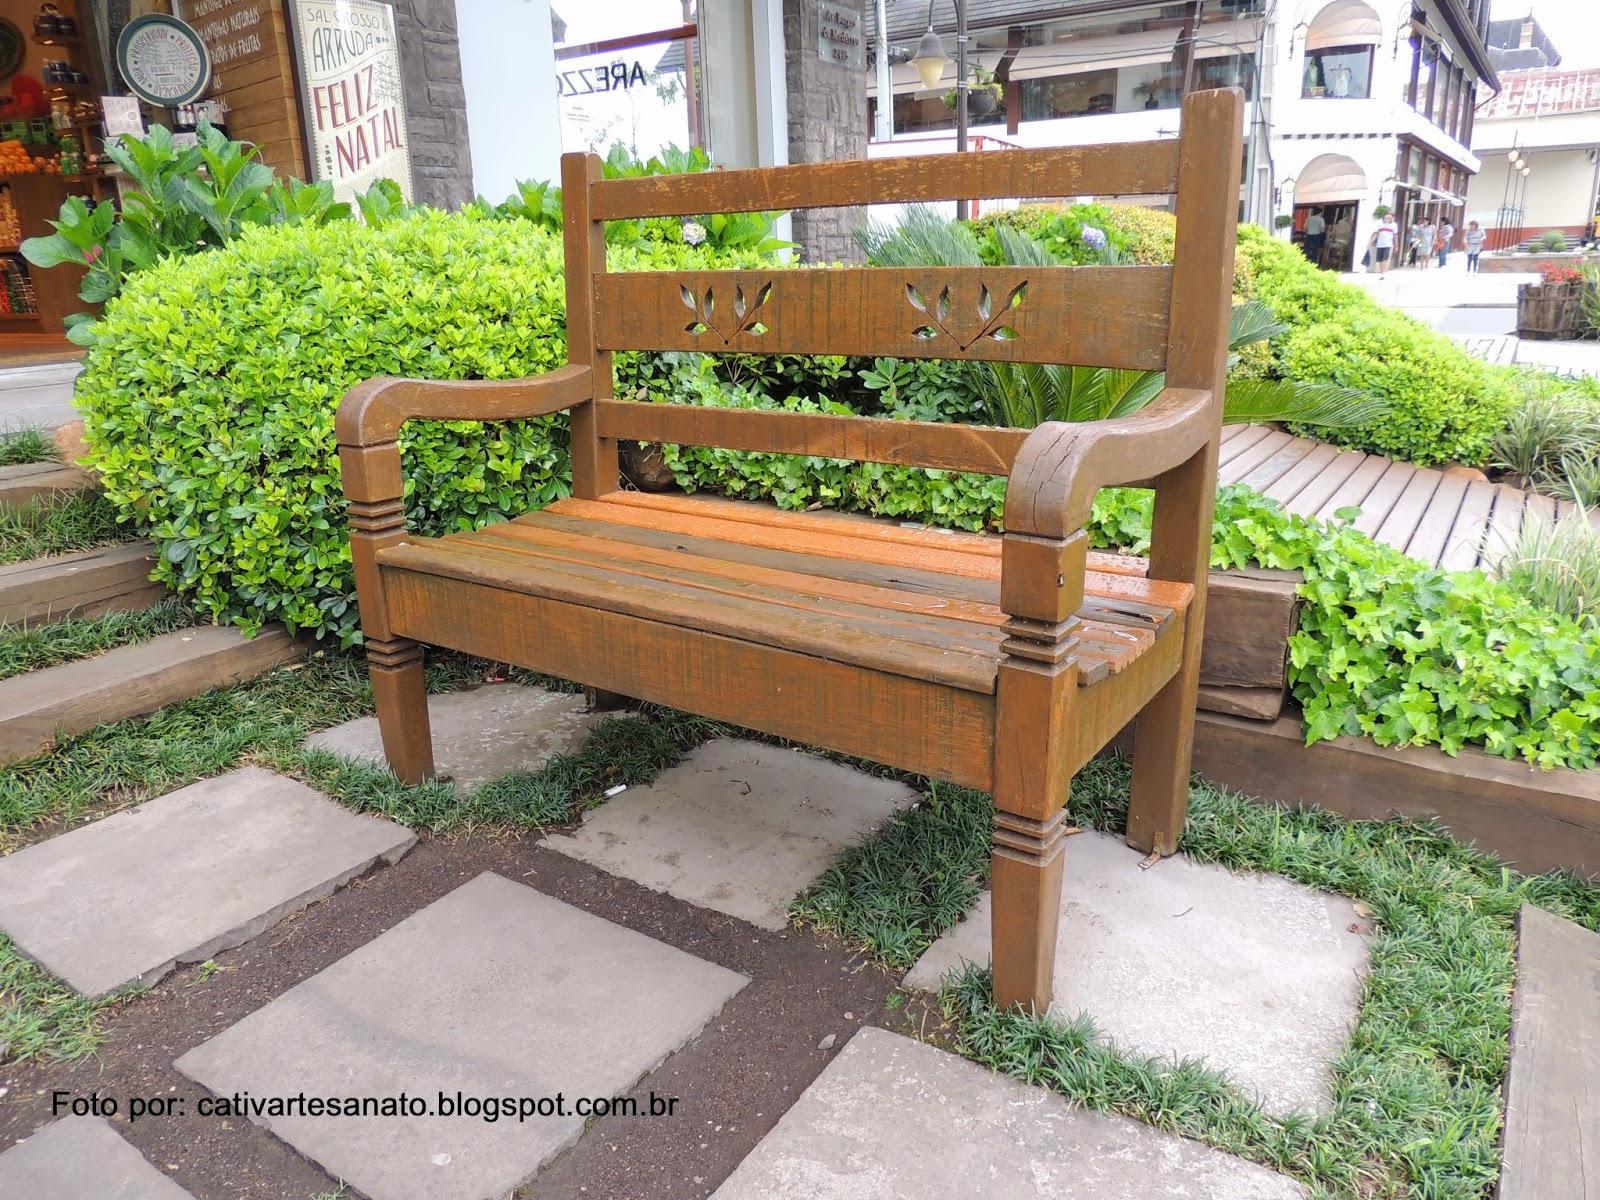 cativa artesanato: Mesa e bancos de madeira de Gramado/RS #769E2D 1600x1200